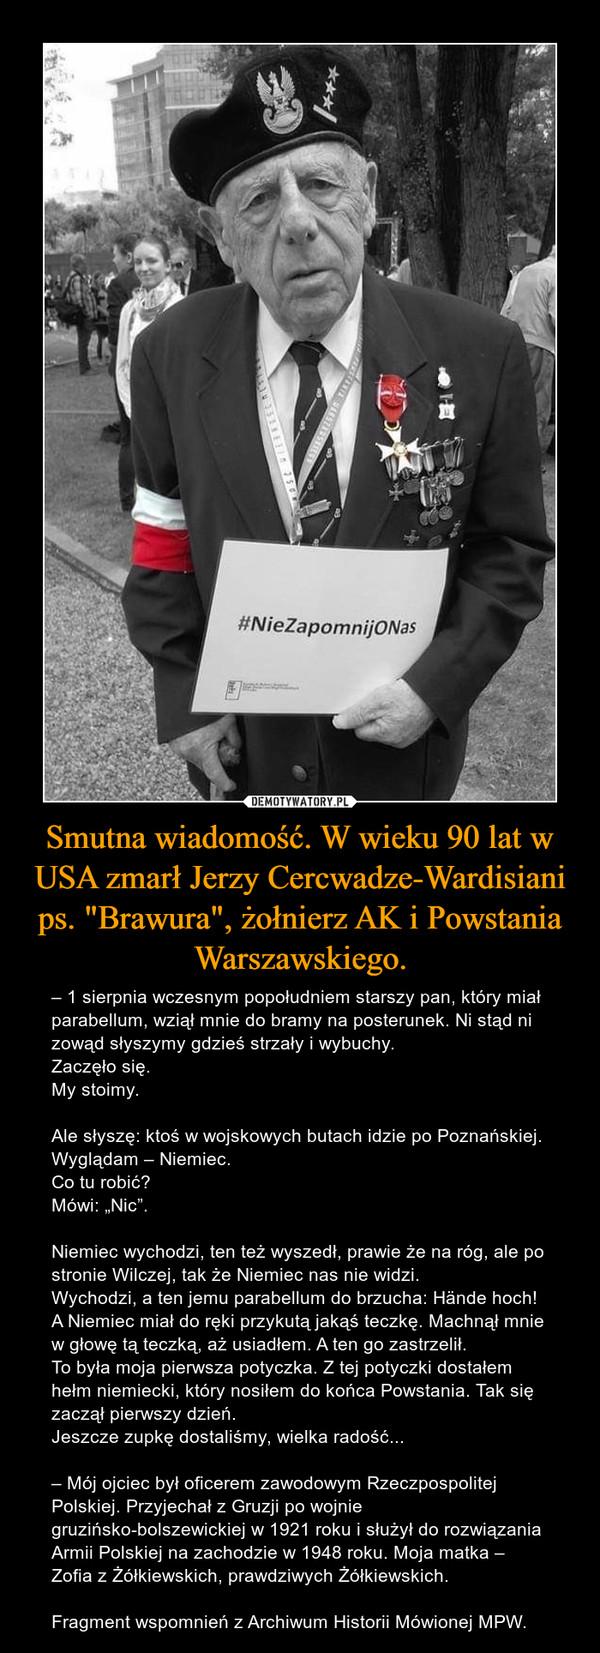 """Smutna wiadomość. W wieku 90 lat w USA zmarł Jerzy Cercwadze-Wardisiani ps. """"Brawura"""", żołnierz AK i Powstania Warszawskiego. – – 1 sierpnia wczesnym popołudniem starszy pan, który miał parabellum, wziął mnie do bramy na posterunek. Ni stąd ni zowąd słyszymy gdzieś strzały i wybuchy.Zaczęło się.My stoimy.Ale słyszę: ktoś w wojskowych butach idzie po Poznańskiej.Wyglądam – Niemiec.Co tu robić?Mówi: """"Nic"""".Niemiec wychodzi, ten też wyszedł, prawie że na róg, ale po stronie Wilczej, tak że Niemiec nas nie widzi.Wychodzi, a ten jemu parabellum do brzucha: Hände hoch!A Niemiec miał do ręki przykutą jakąś teczkę. Machnął mnie w głowę tą teczką, aż usiadłem. A ten go zastrzelił.To była moja pierwsza potyczka. Z tej potyczki dostałem hełm niemiecki, który nosiłem do końca Powstania. Tak się zaczął pierwszy dzień.Jeszcze zupkę dostaliśmy, wielka radość...– Mój ojciec był oficerem zawodowym Rzeczpospolitej Polskiej. Przyjechał z Gruzji po wojnie gruzińsko-bolszewickiej w 1921 roku i służył do rozwiązania Armii Polskiej na zachodzie w 1948 roku. Moja matka – Zofia z Żółkiewskich, prawdziwych Żółkiewskich.Fragment wspomnień z Archiwum Historii Mówionej MPW."""